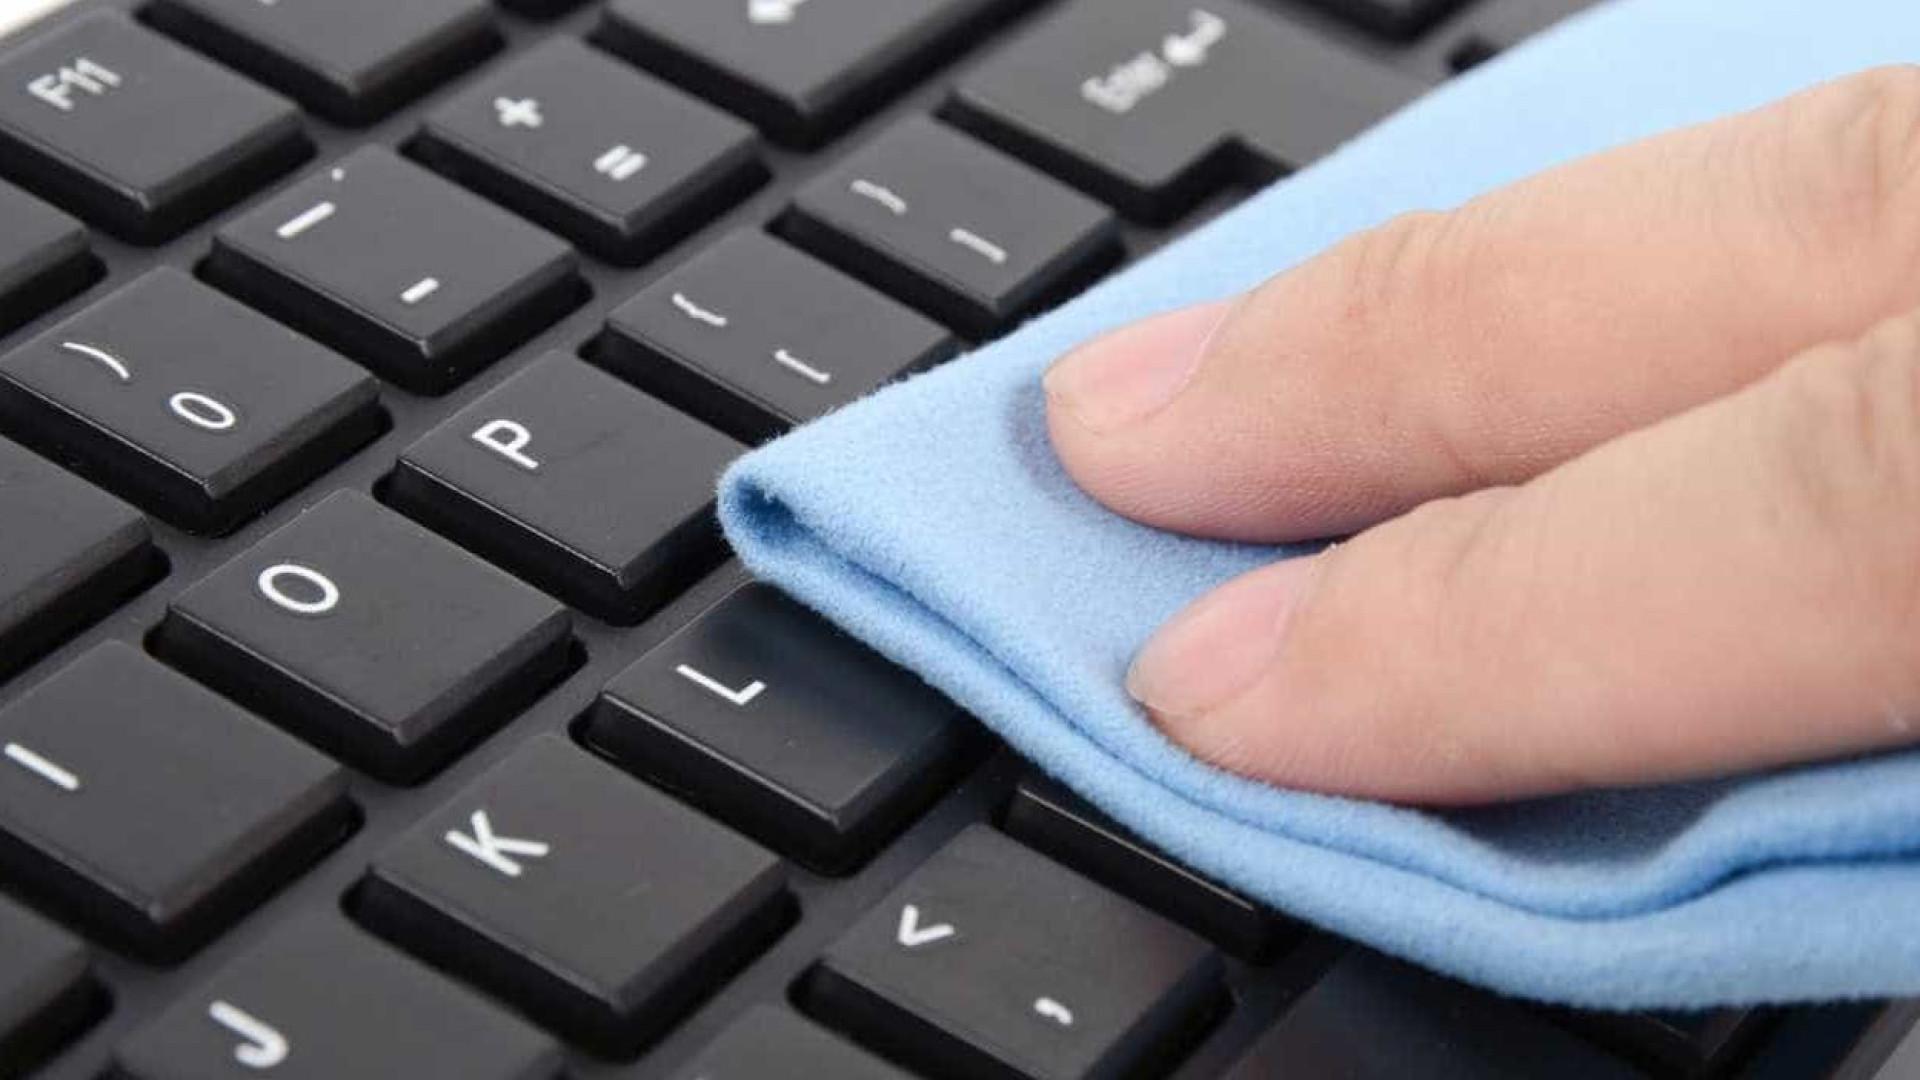 Seu teclado precisa de uma limpeza? Saiba como e quando fazer